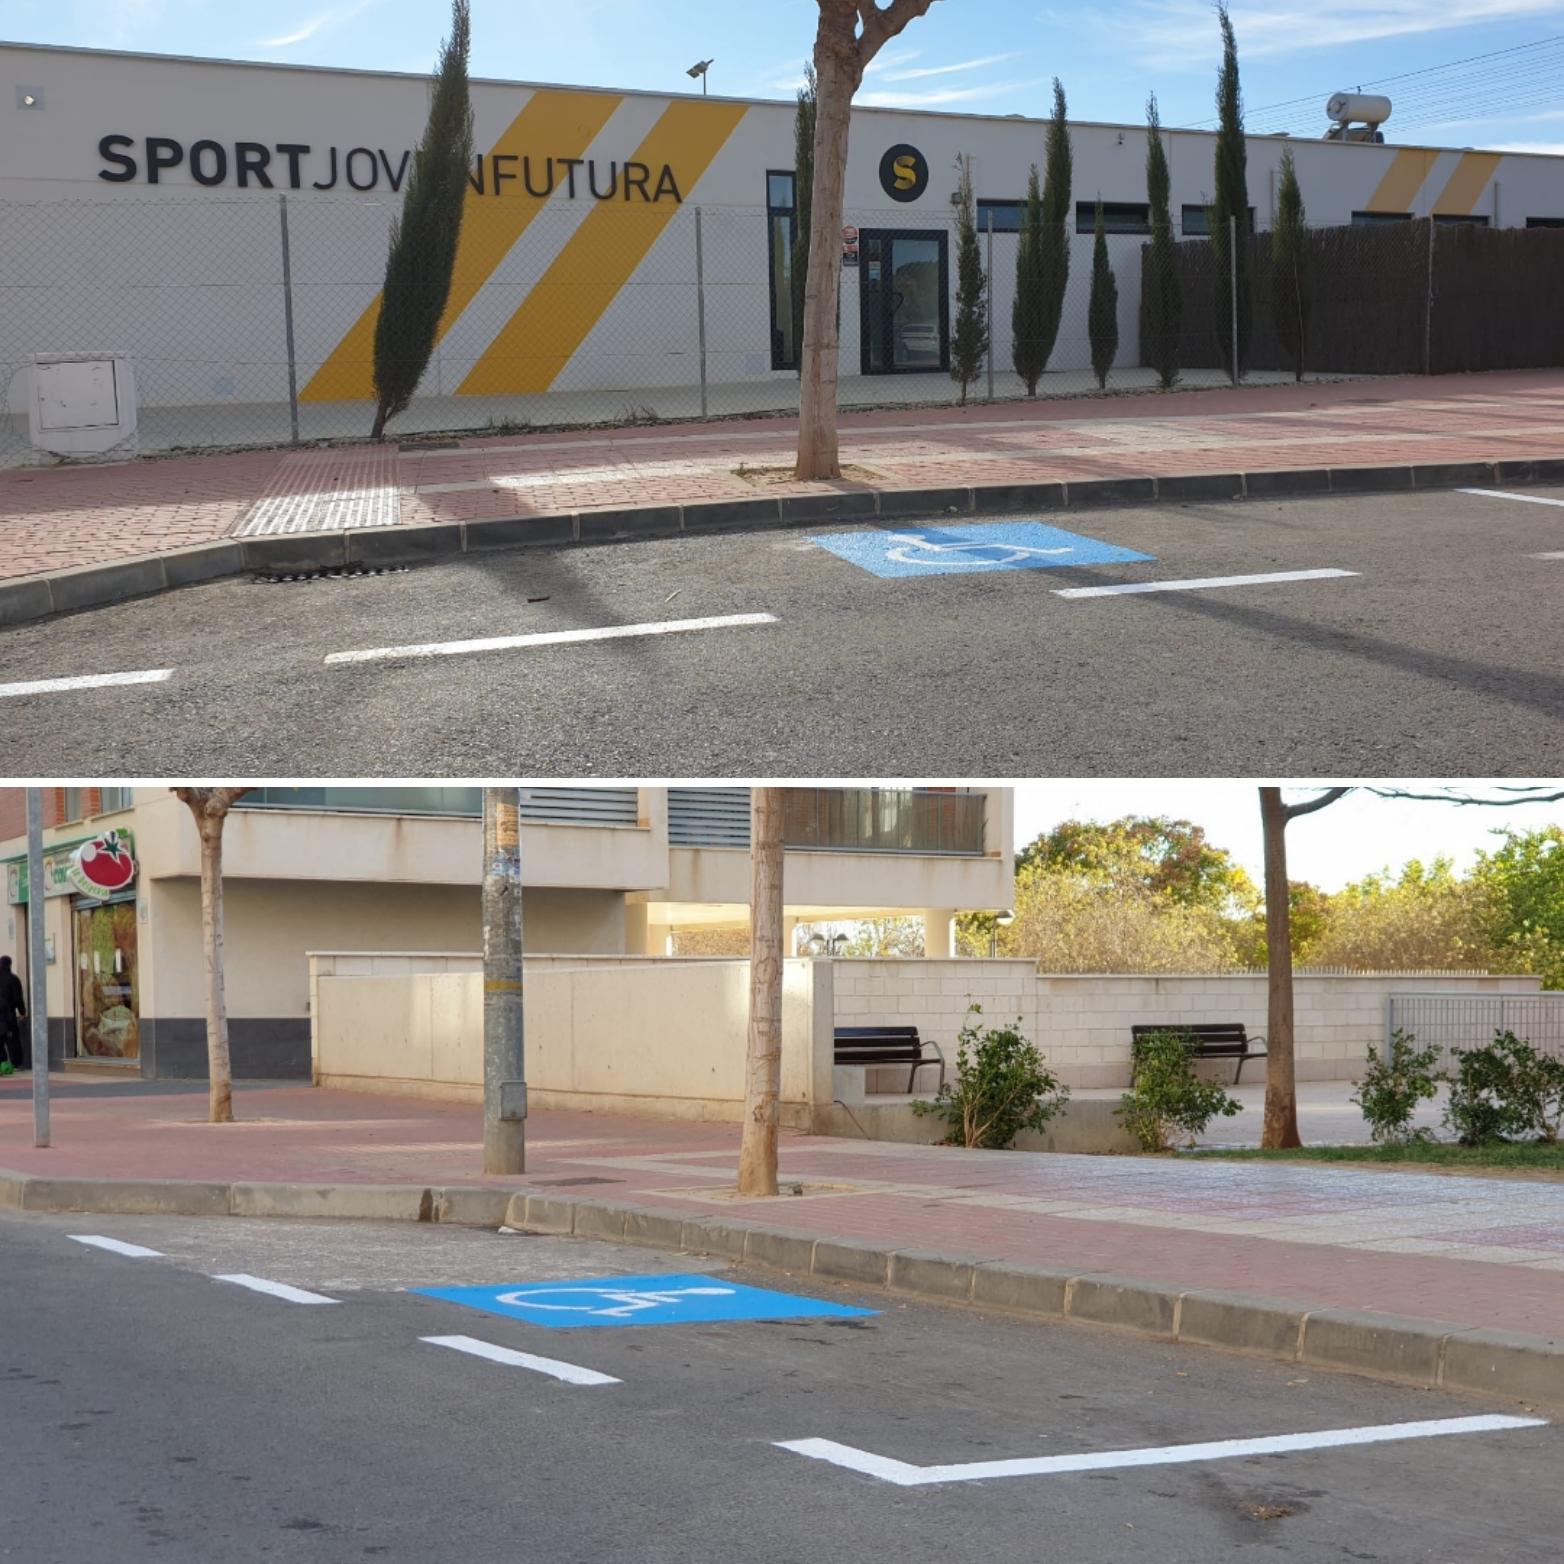 Plazas movilidad reducida en Joven Futura